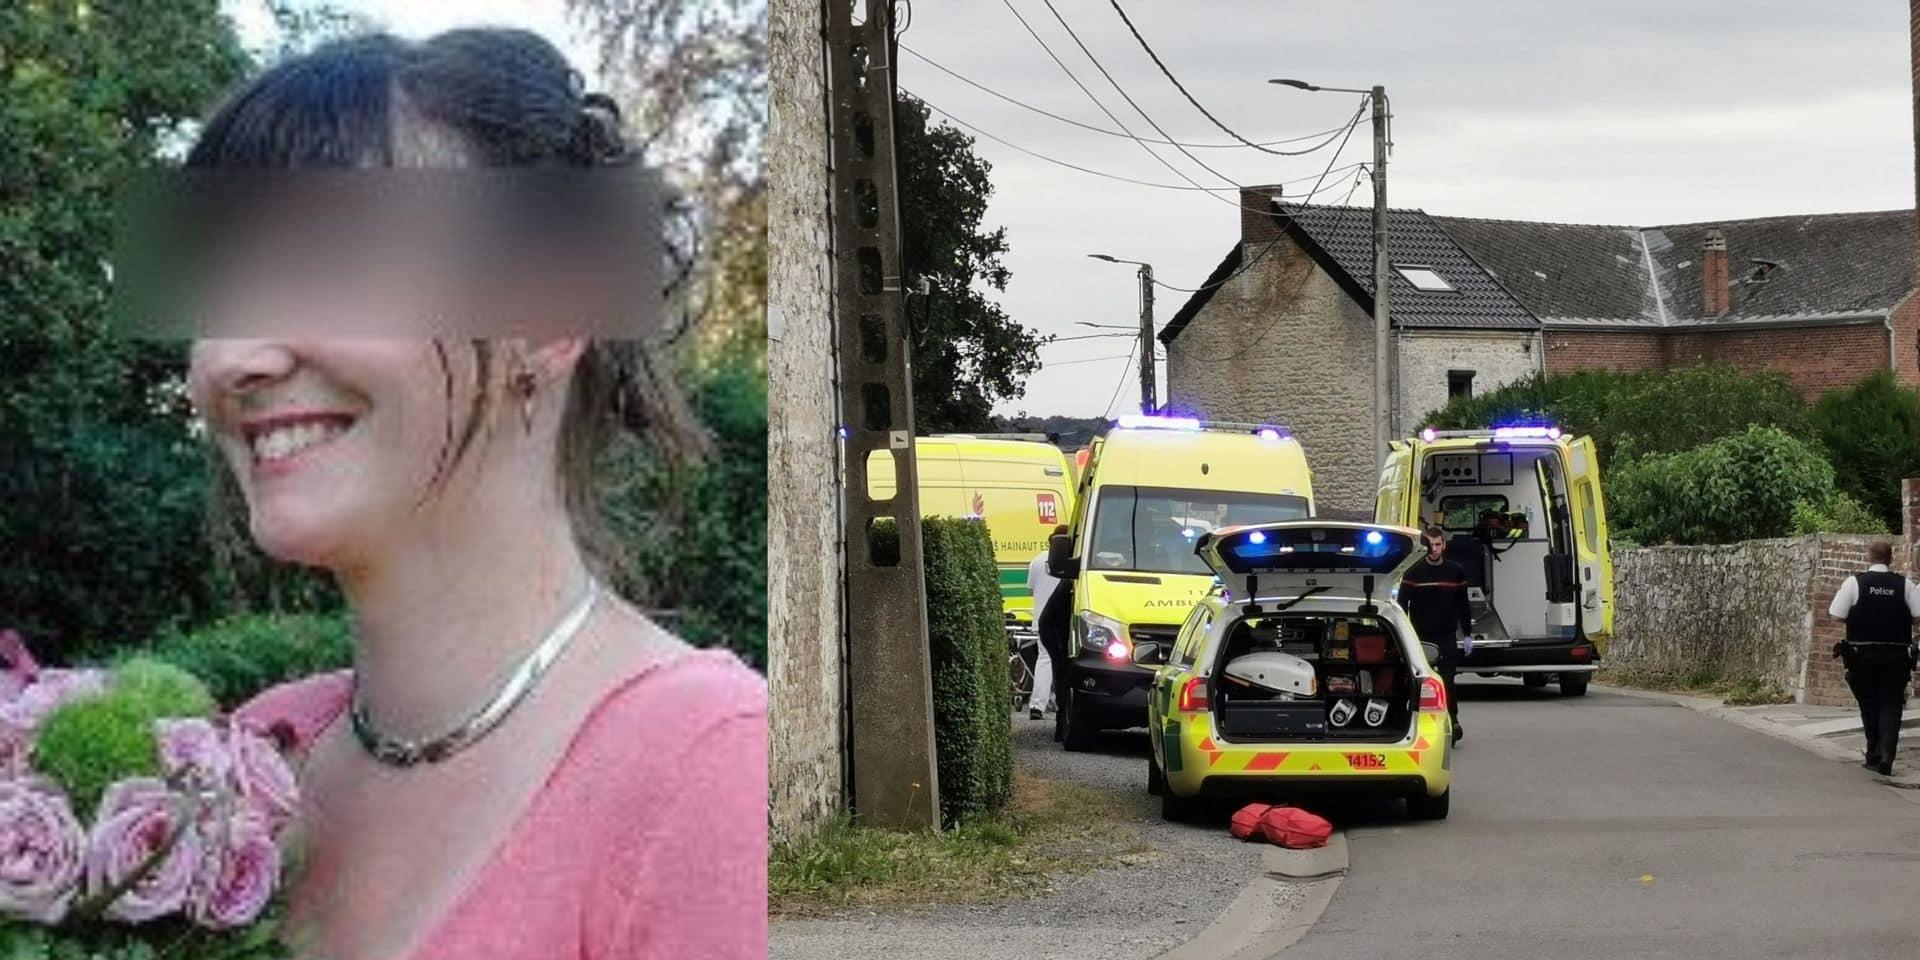 Drame à Erquelinnes: Julie tente de tuer ses trois enfants avant de se suicider, deux d'entre eux sont morts, le troisième est hors de danger